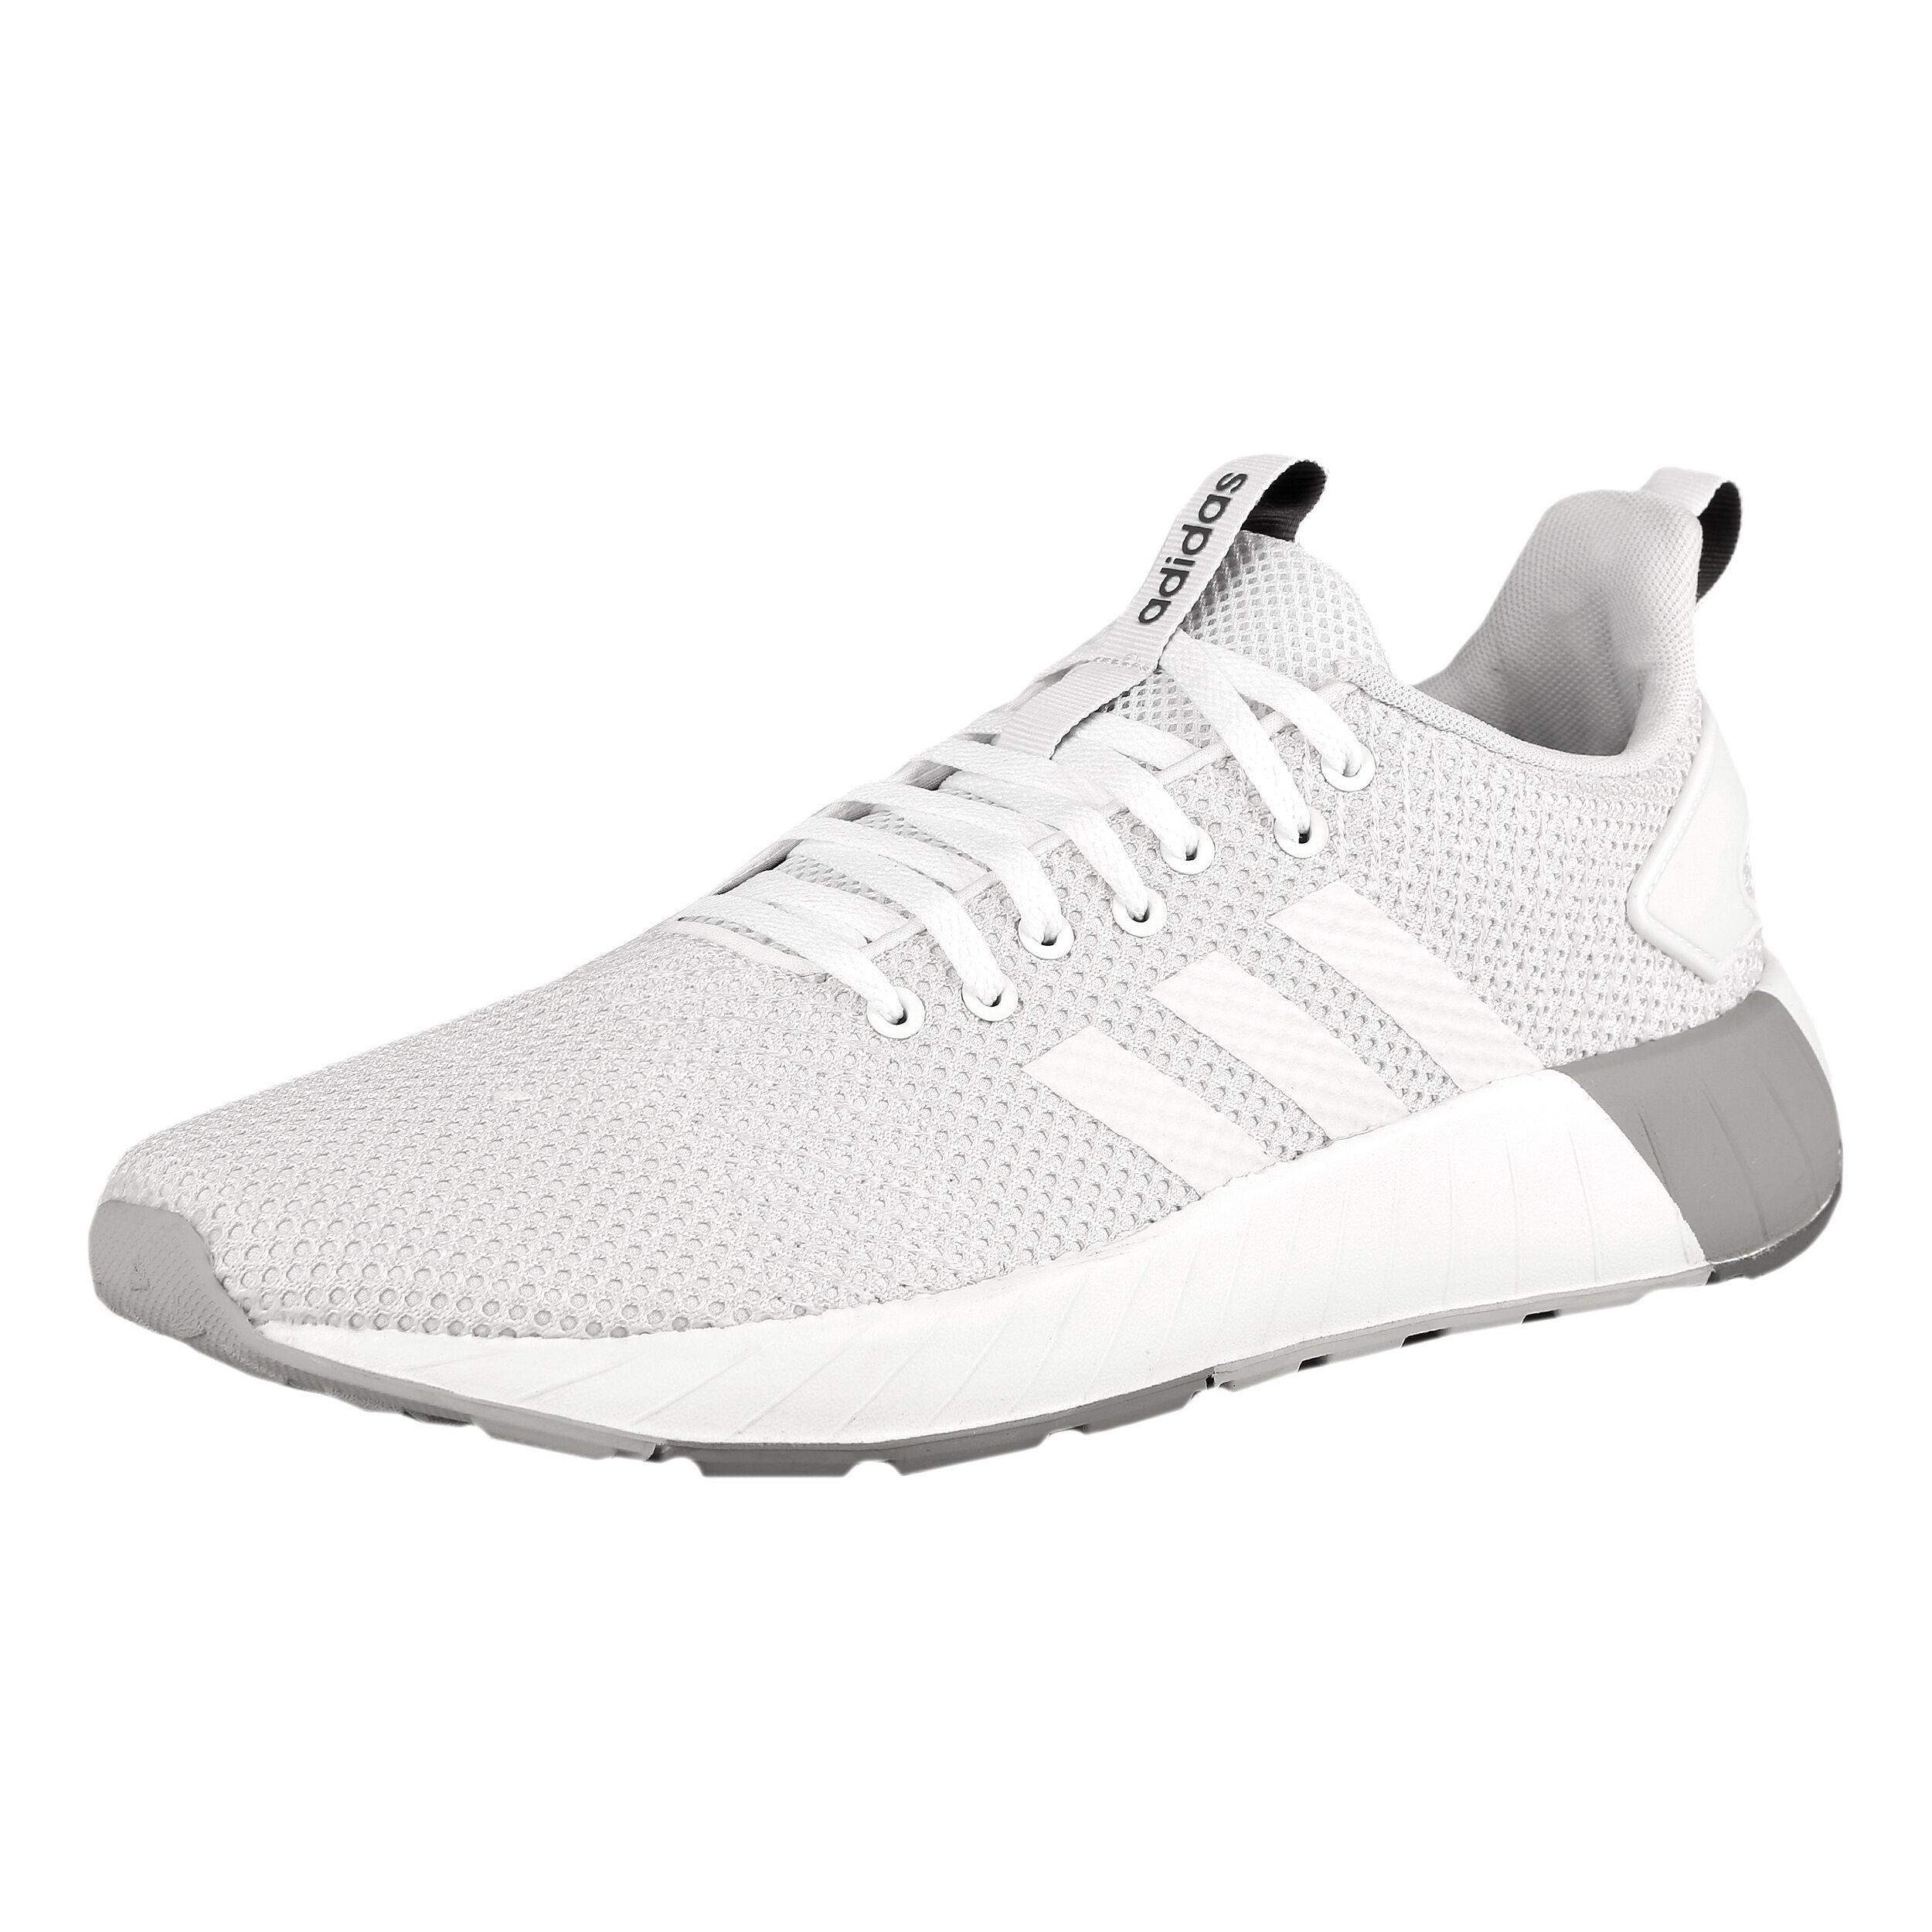 Herren Questar WeißHellgrau Online Byd Sneaker Kaufen Adidas Neo rthsdQ